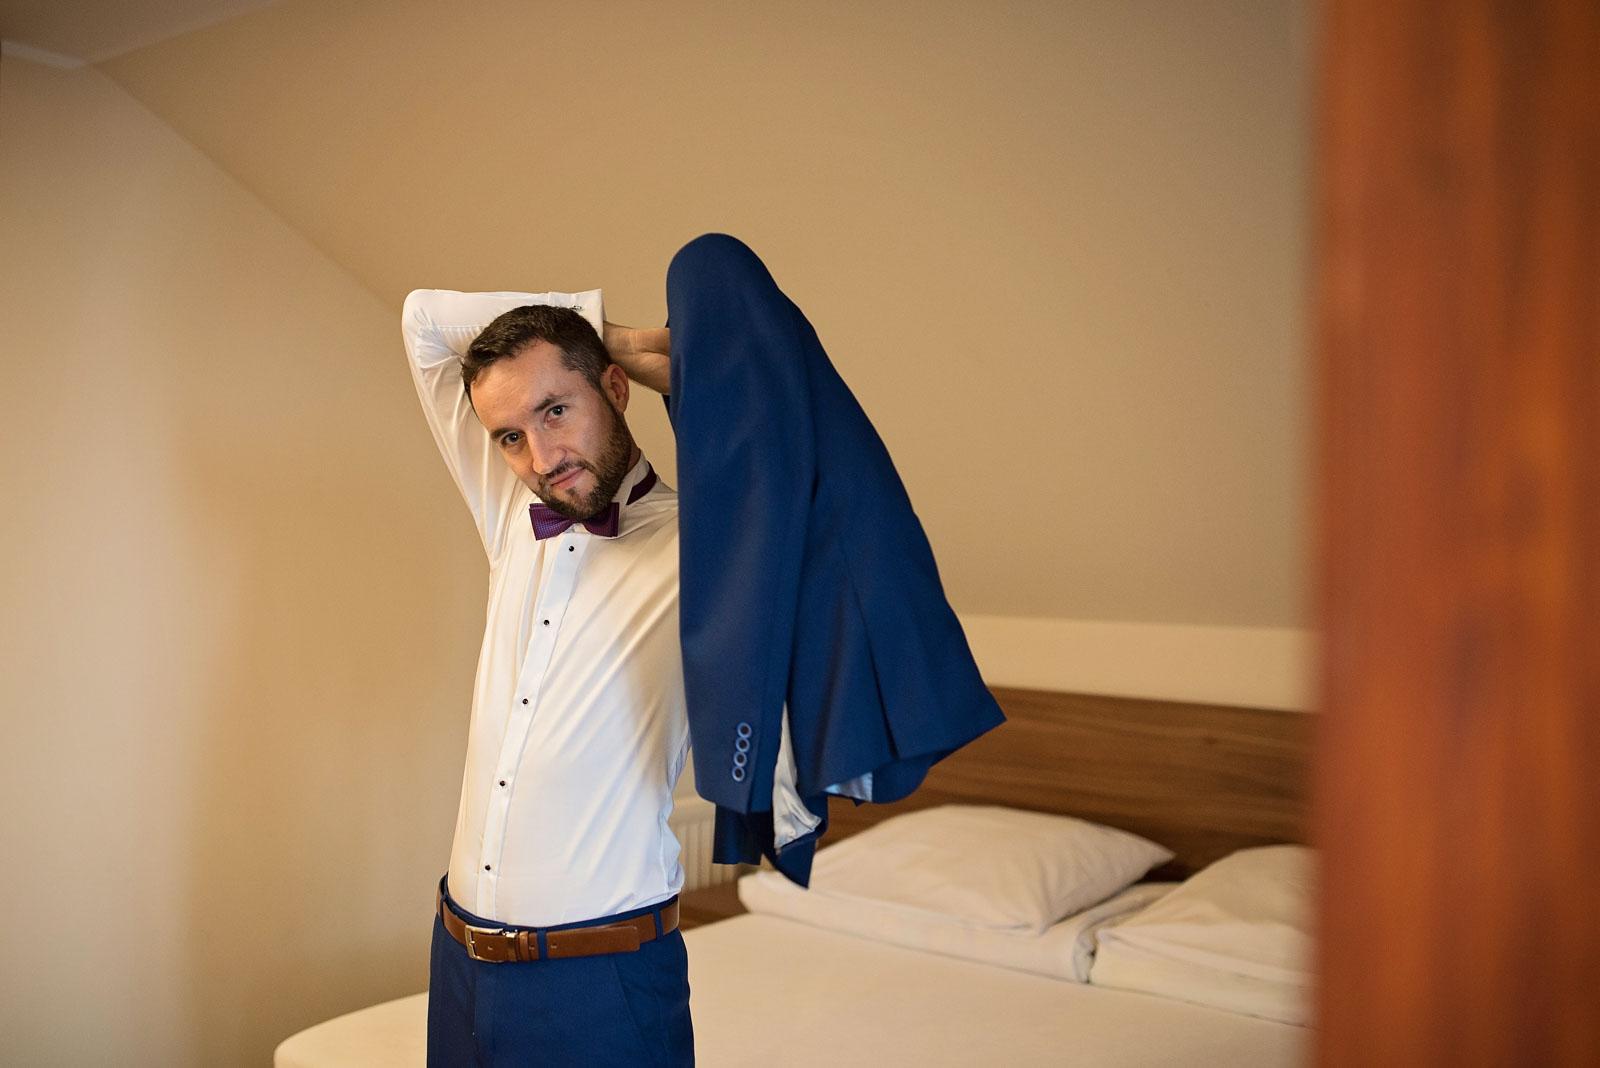 przygotowania-pana-mlodego-hotel-helena-jeziorowskie (6).jpg